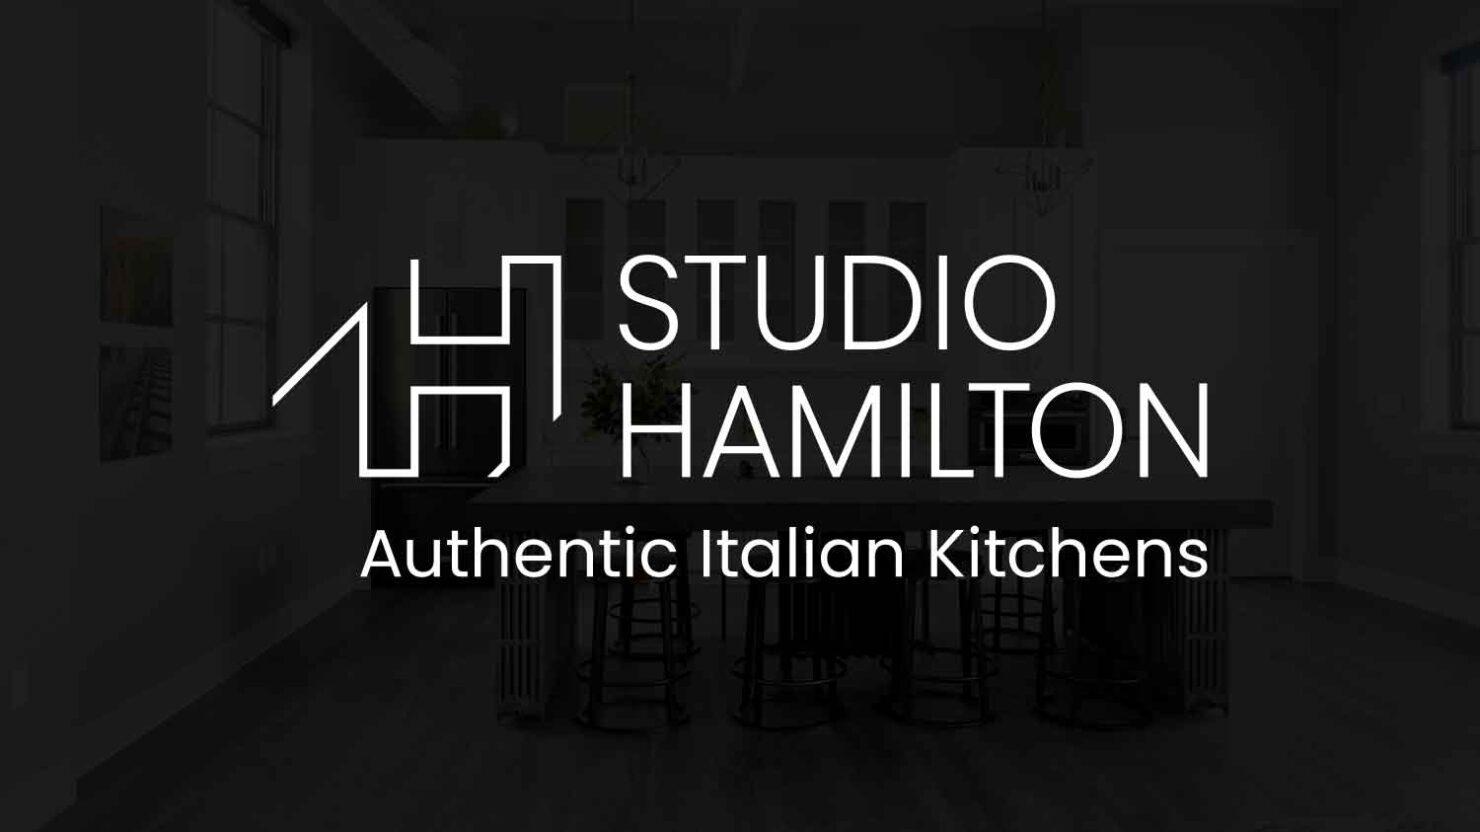 creative logo design for studio hamilton solihull